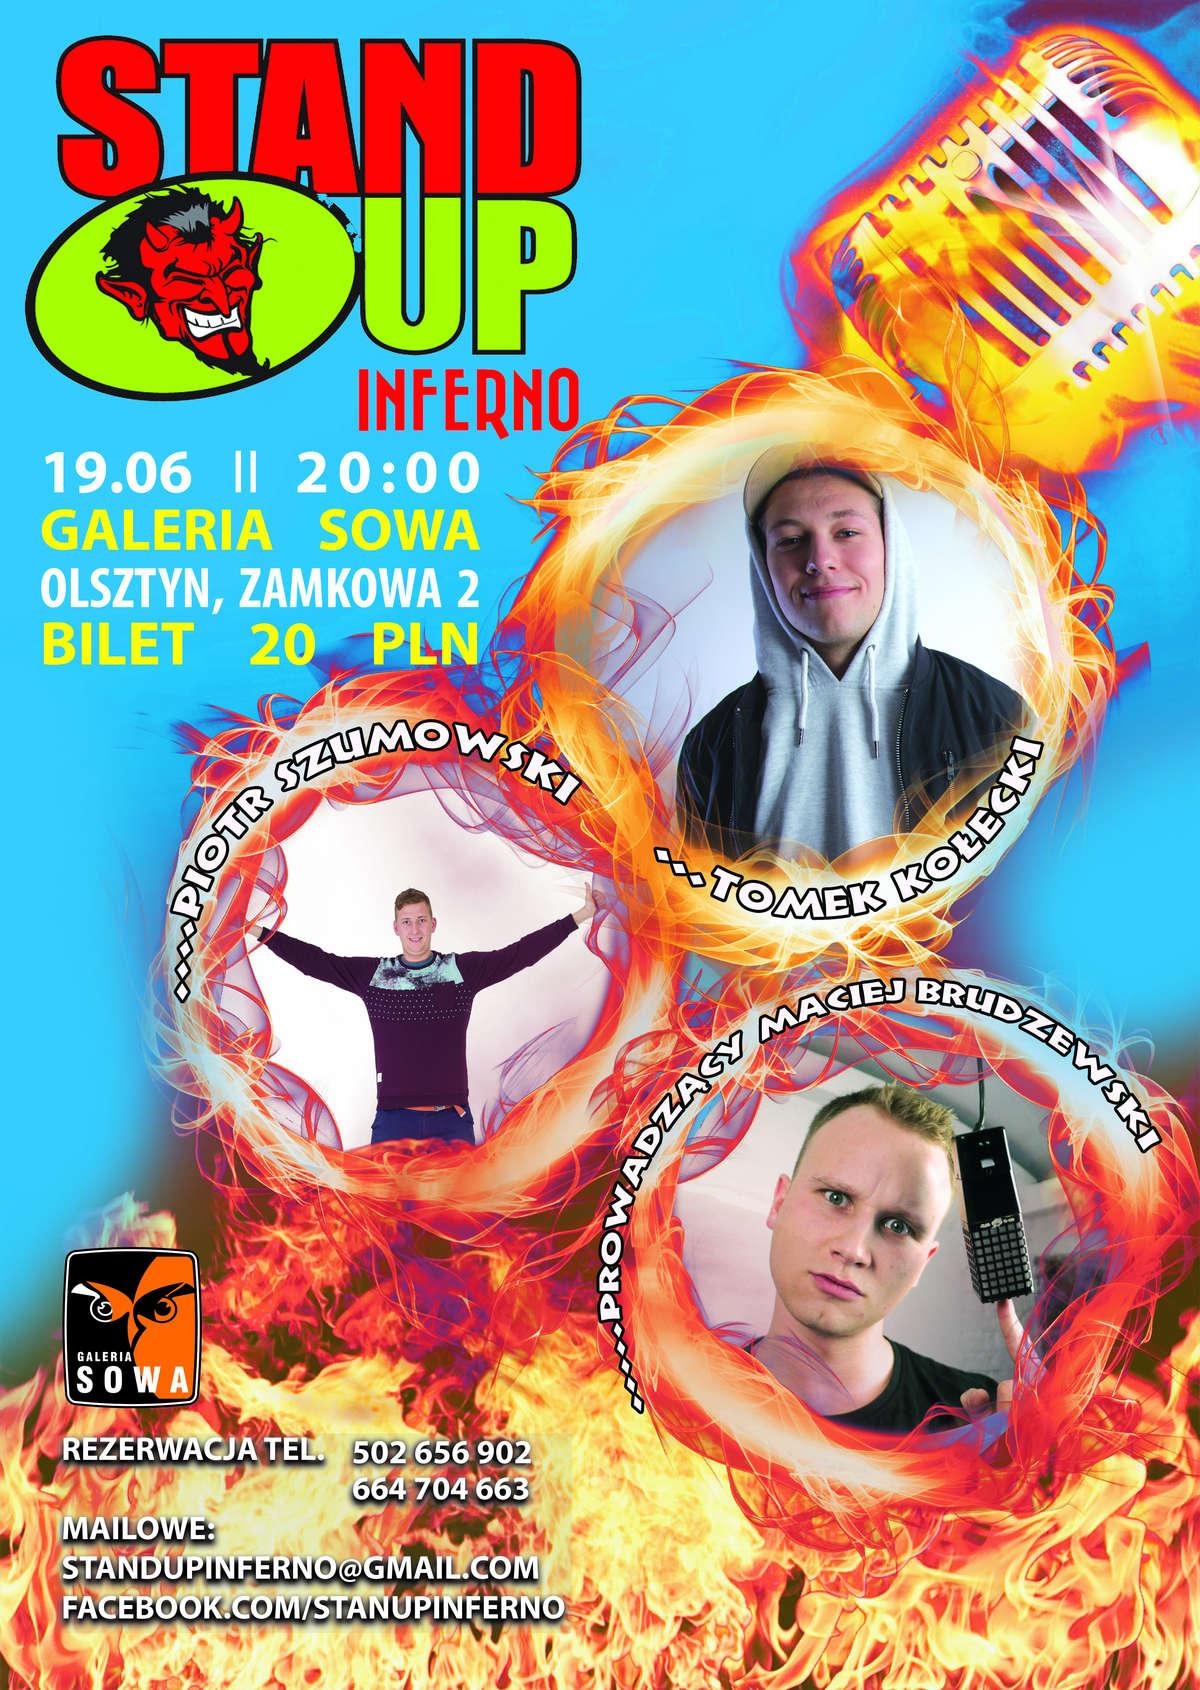 Stand-Up Inferno w Sowie: na scenie Piotr Szumowski i Tomek Kołecki! - full image